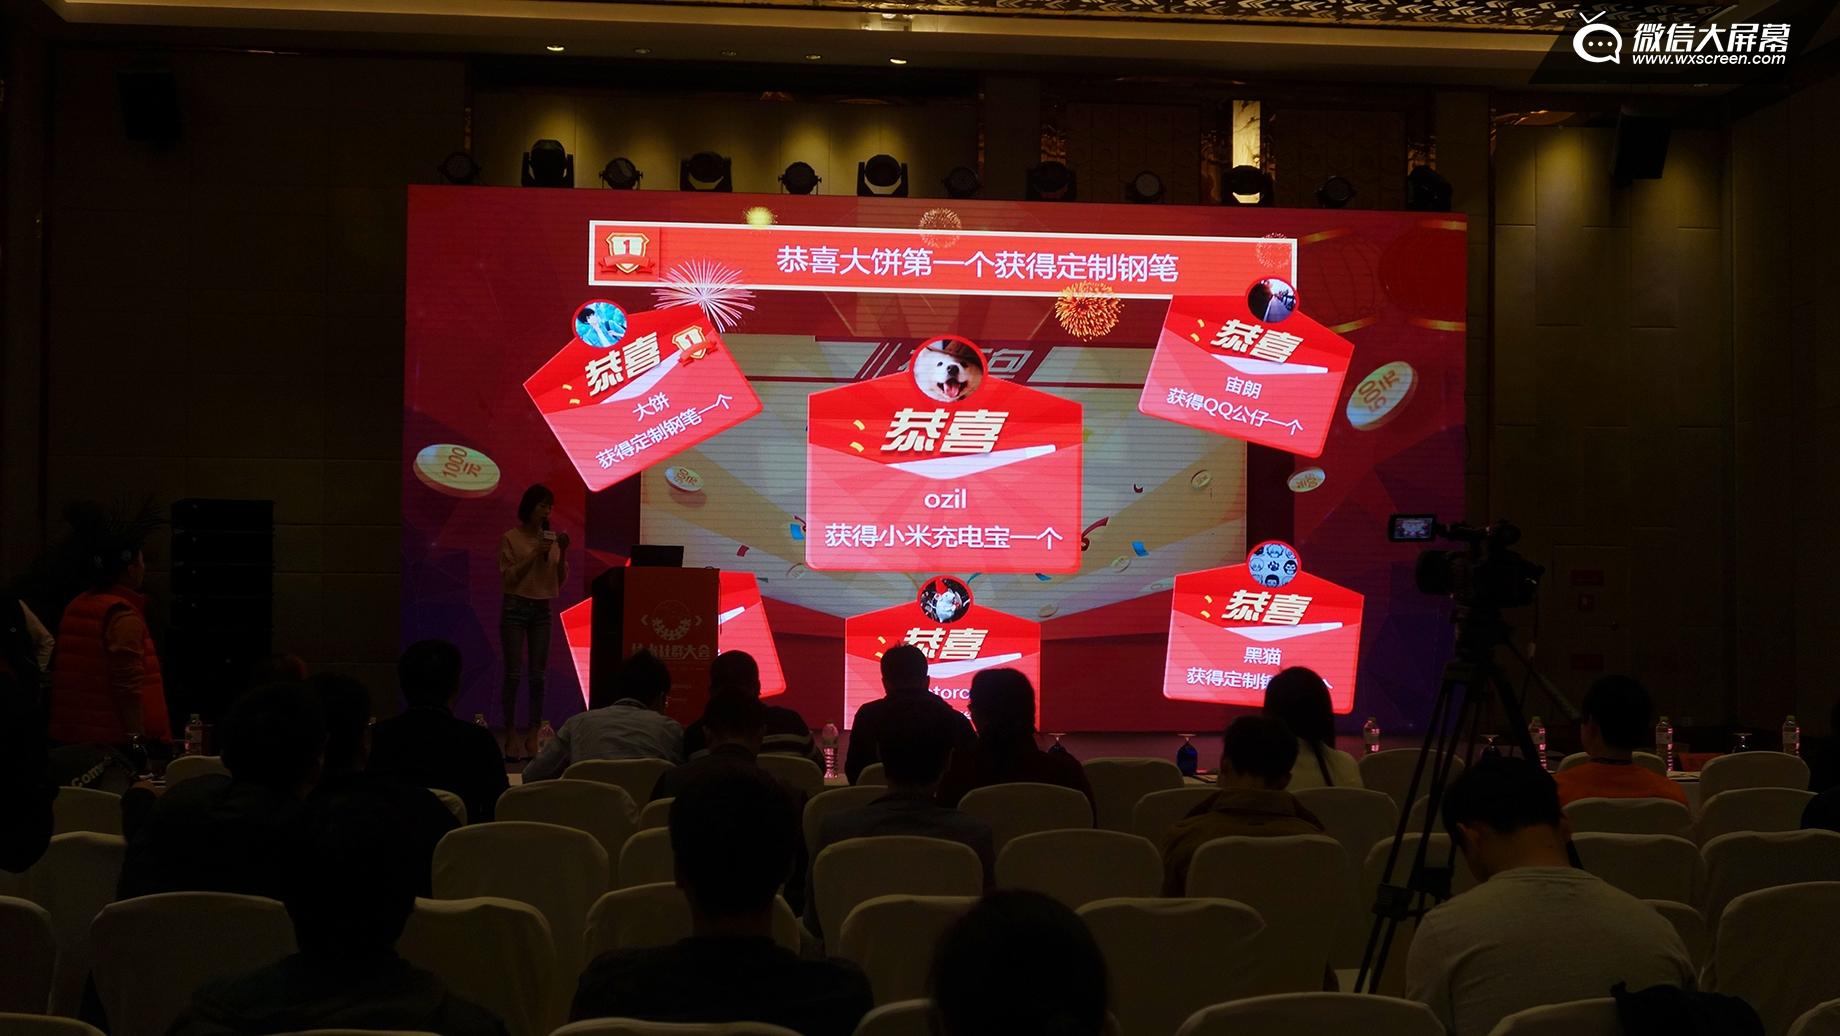 趣现场-微信大屏幕带你玩嗨技术社群大会